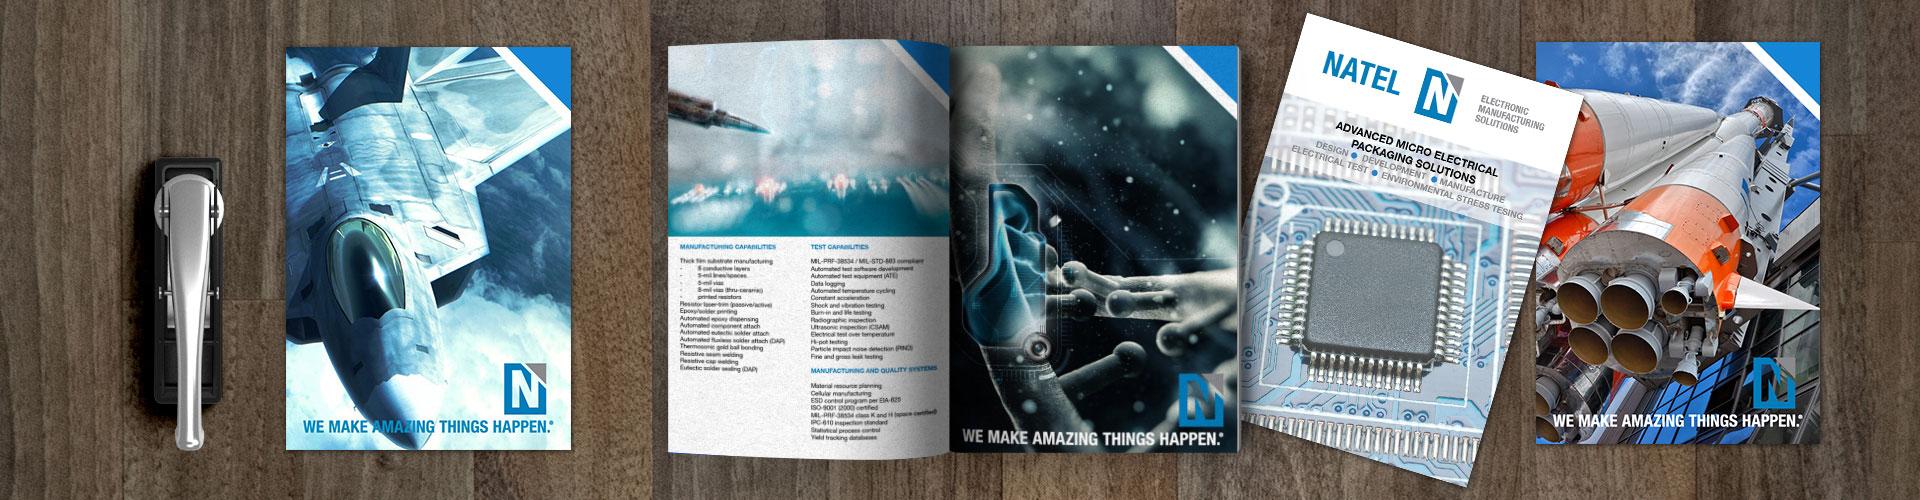 natel-brochure-header-image